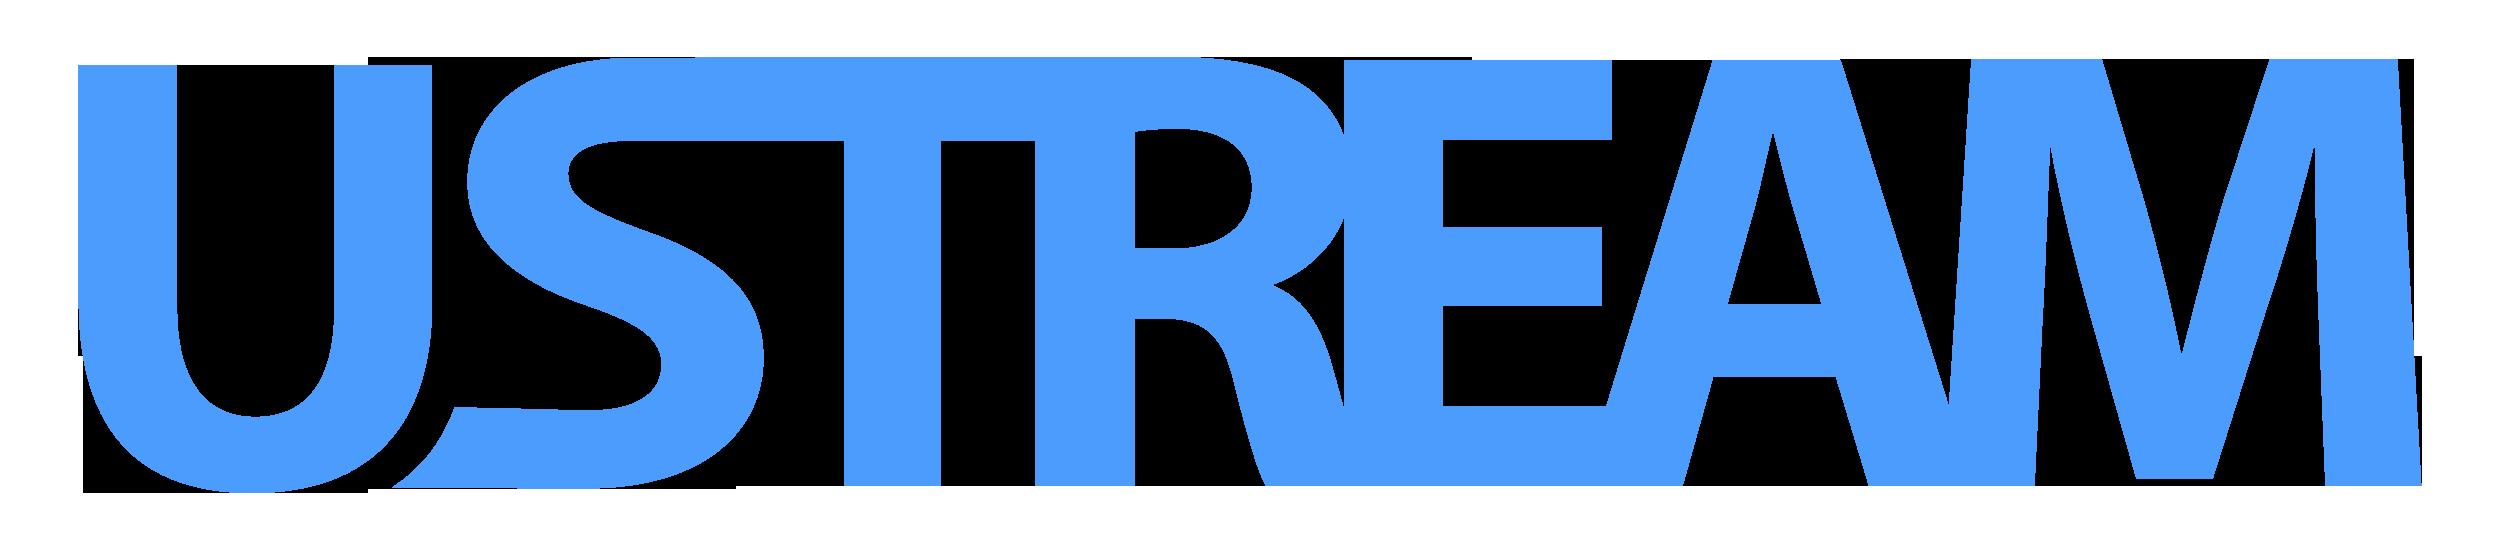 Ustream Logo Wallpaper